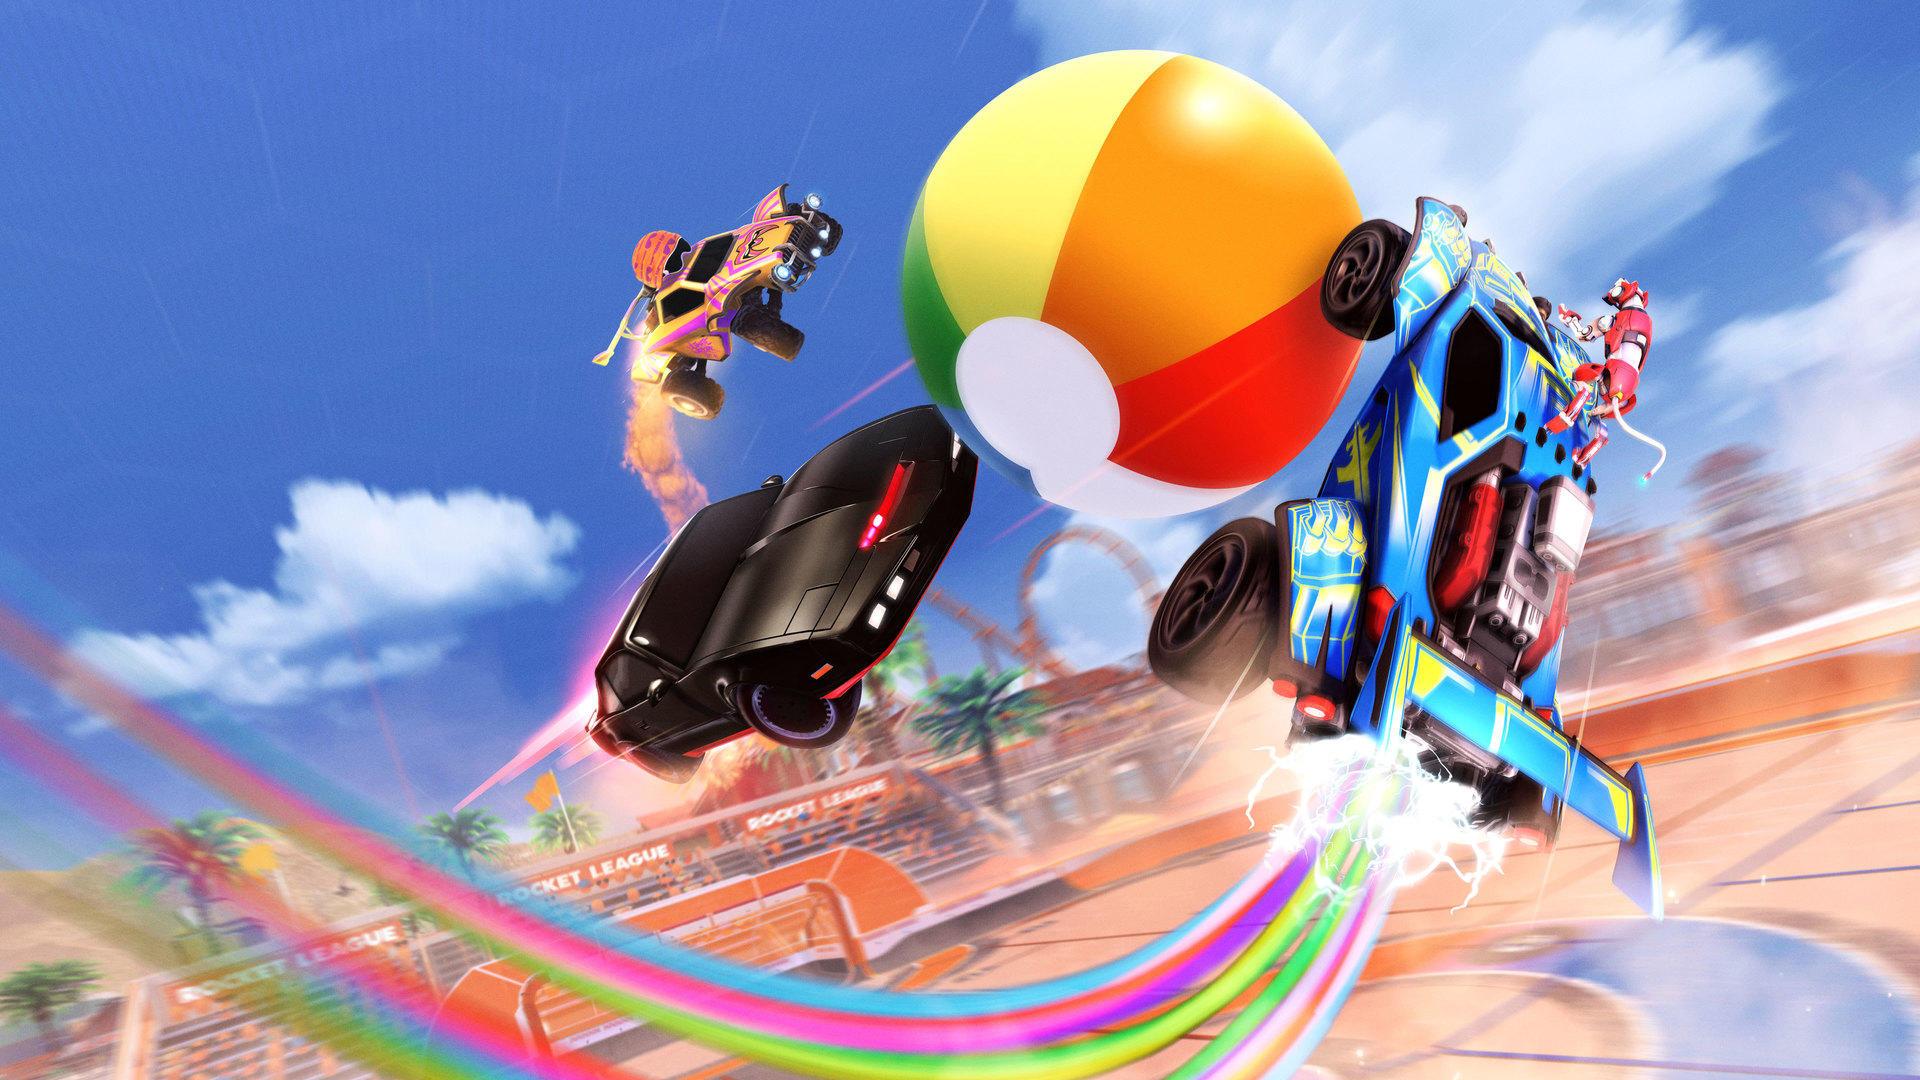 La voiture de Knight Rider dans Rocket League!